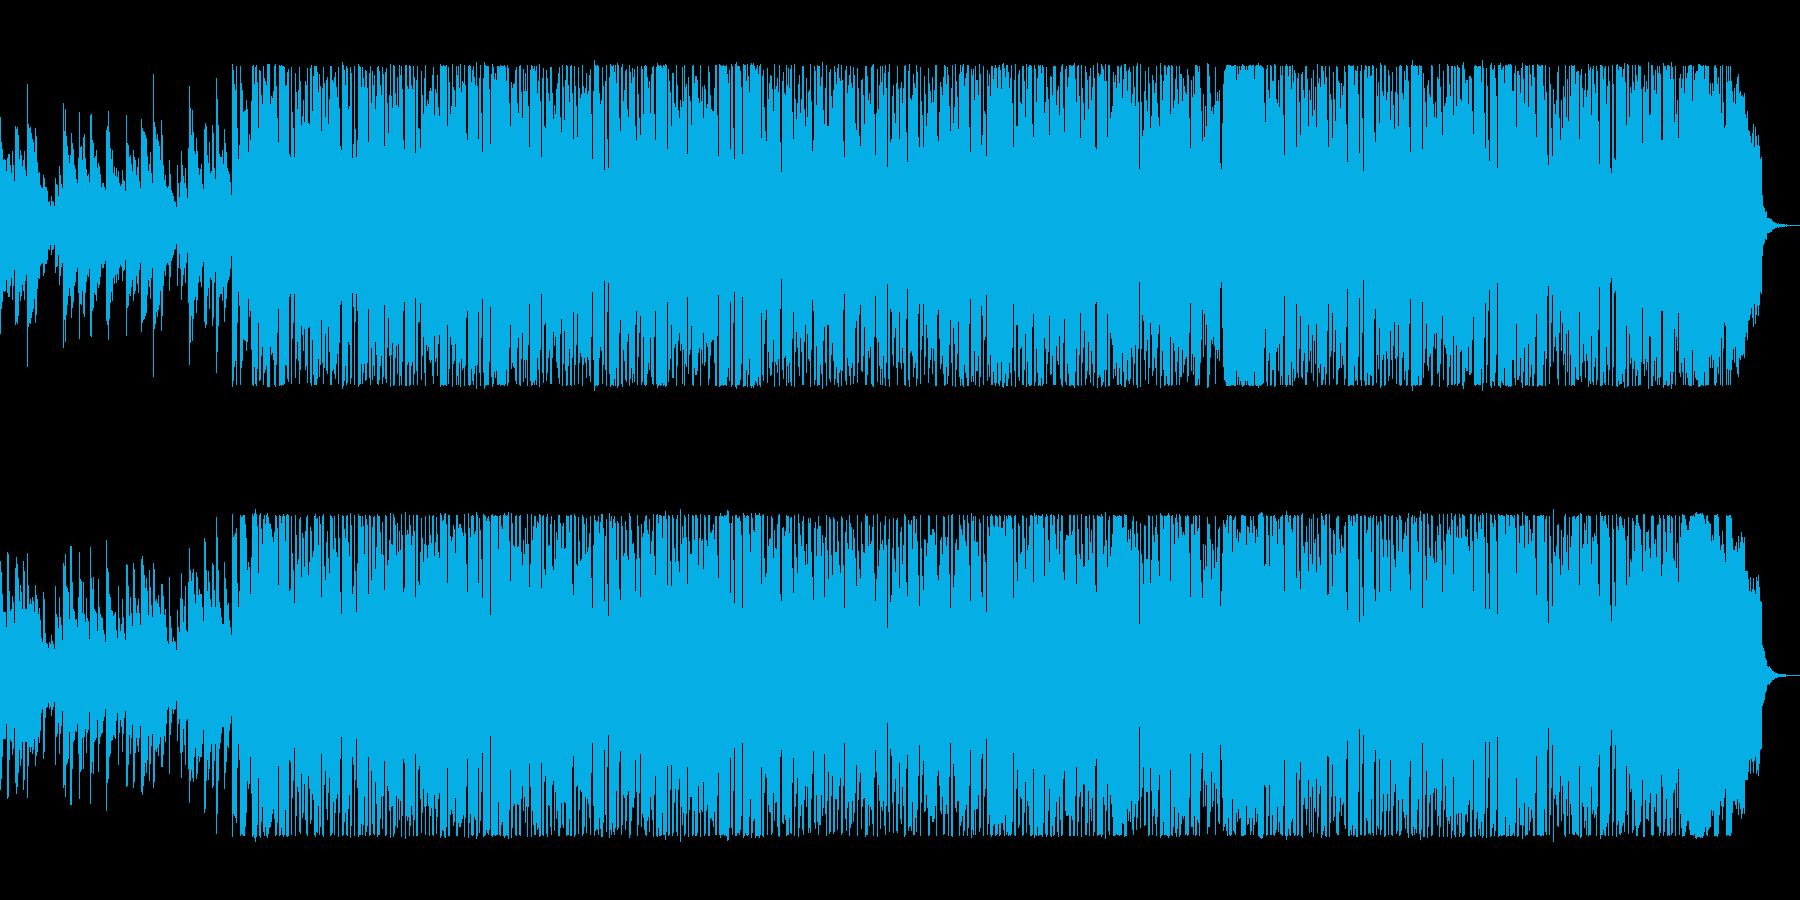 90年代Jポップ風の踊れるポップスの再生済みの波形